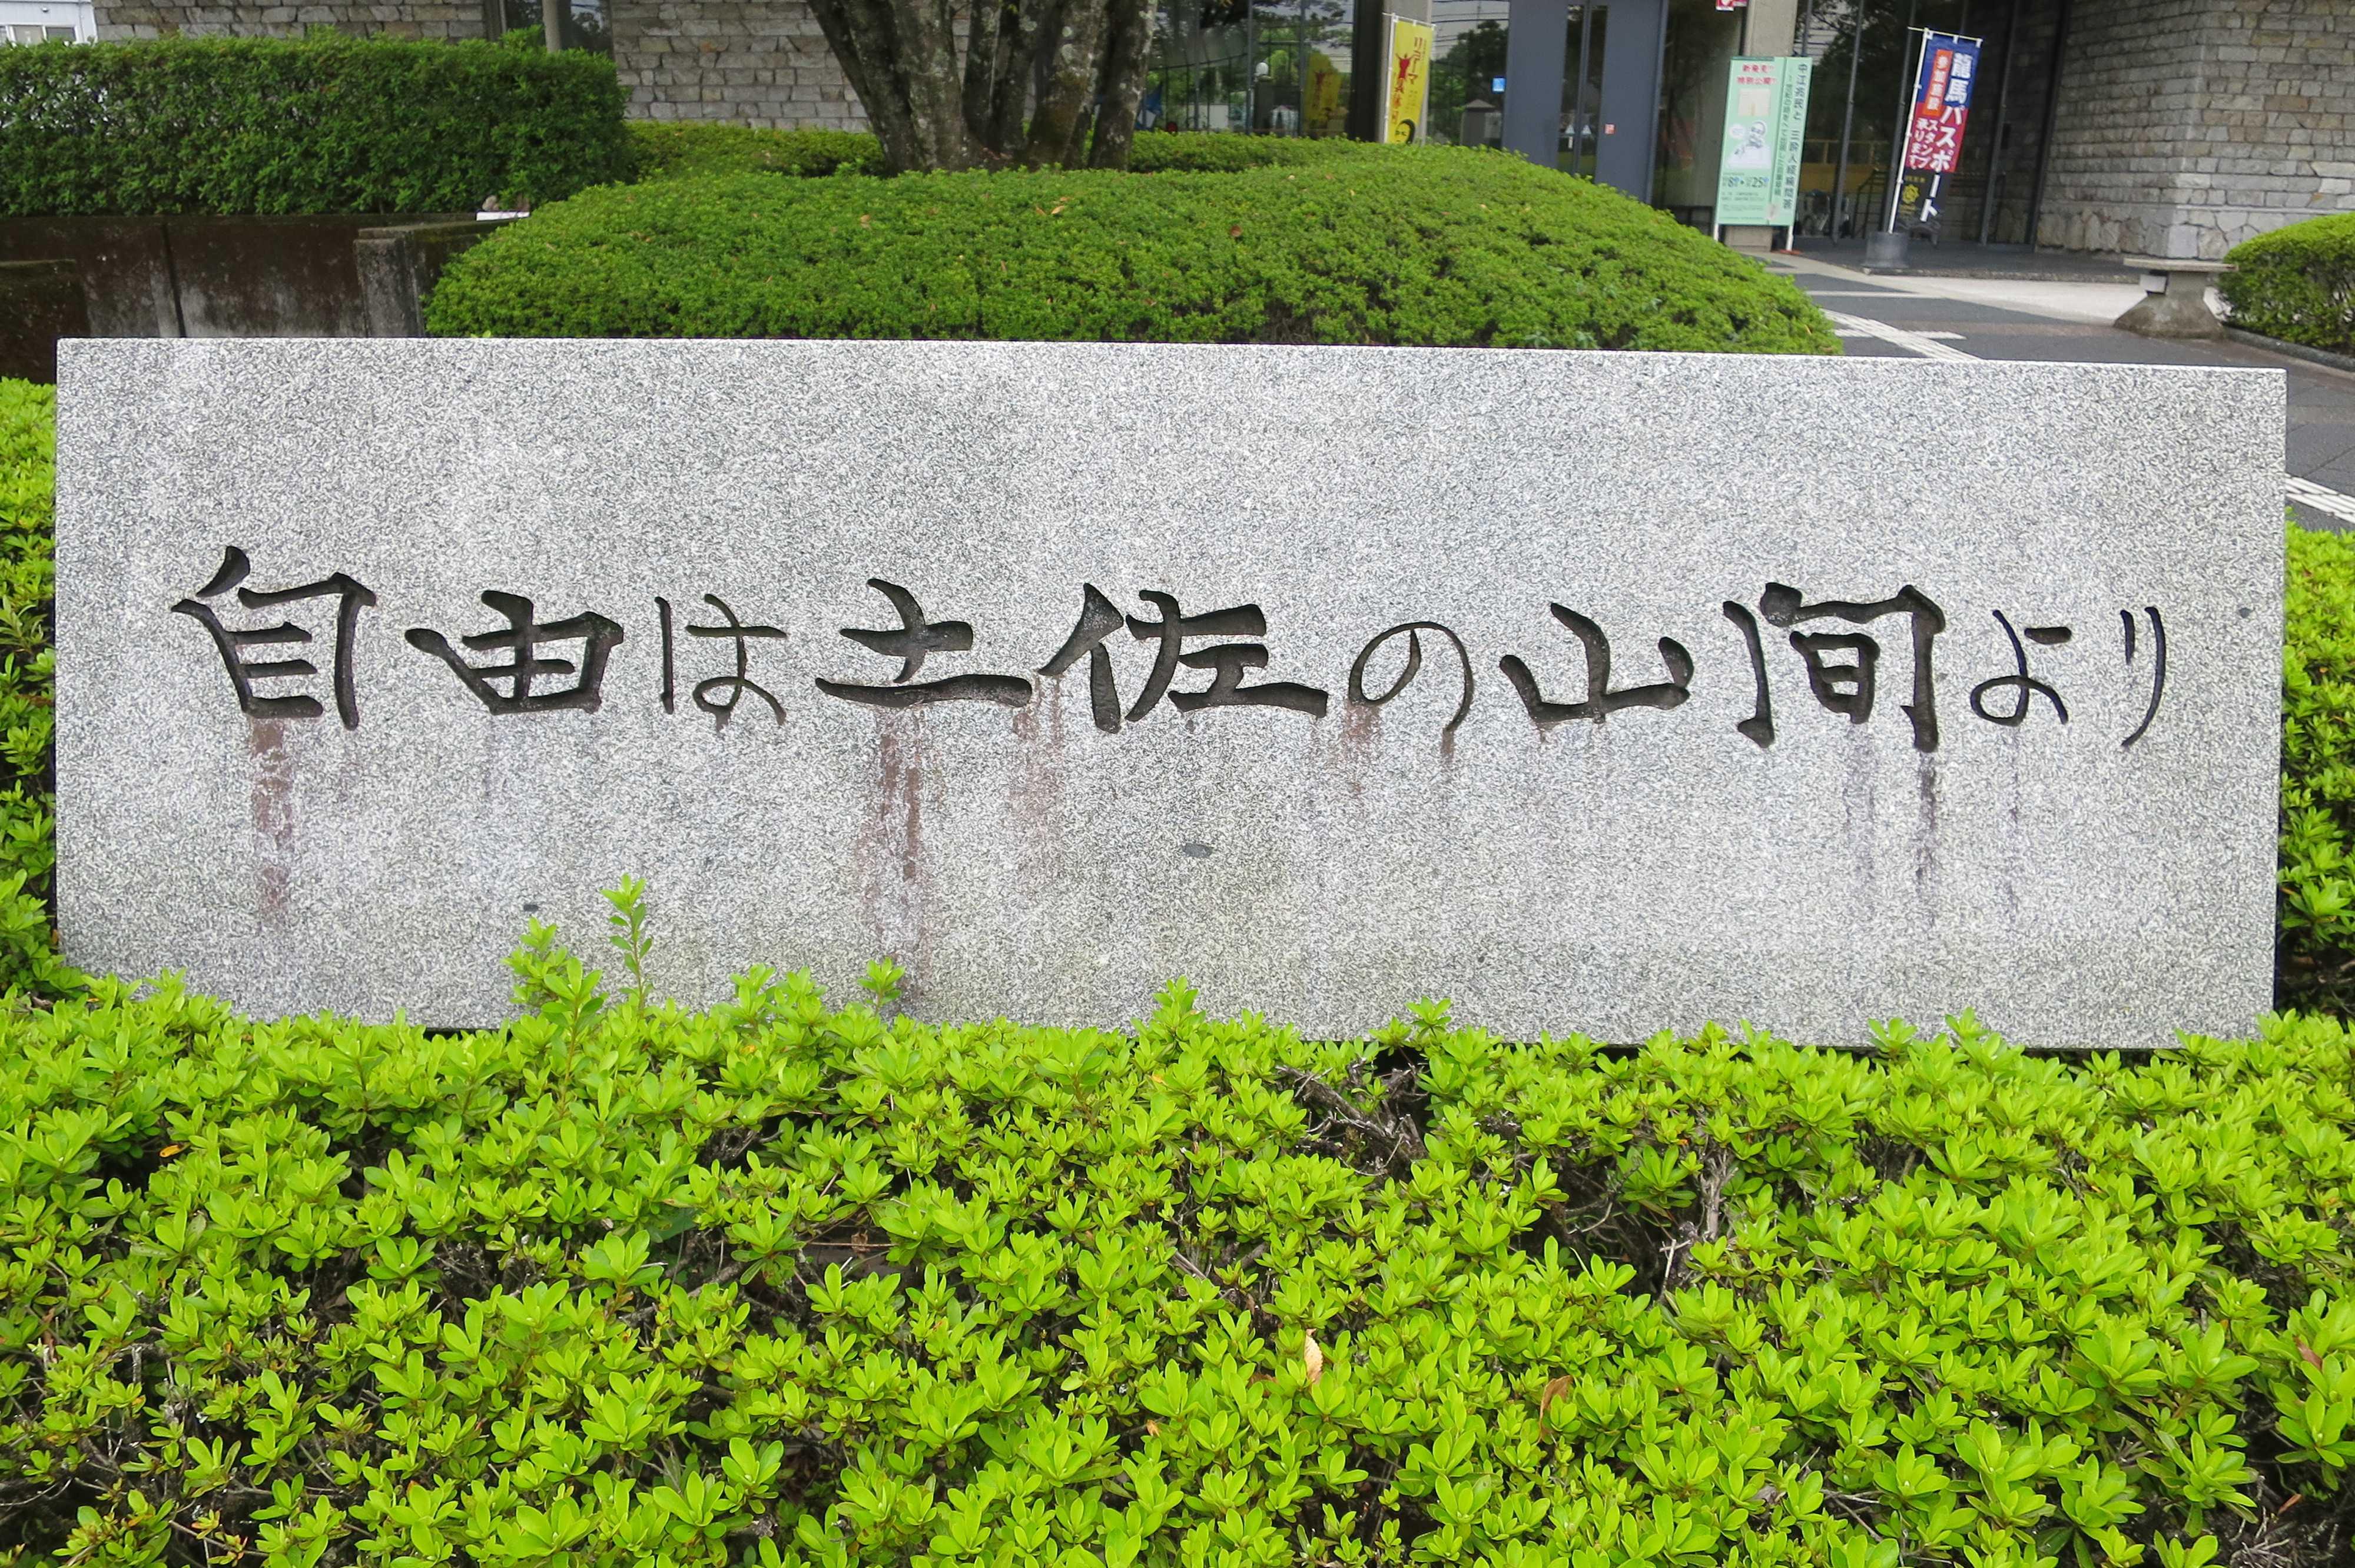 自由は土佐の山間より 高知市立自由民権記念館